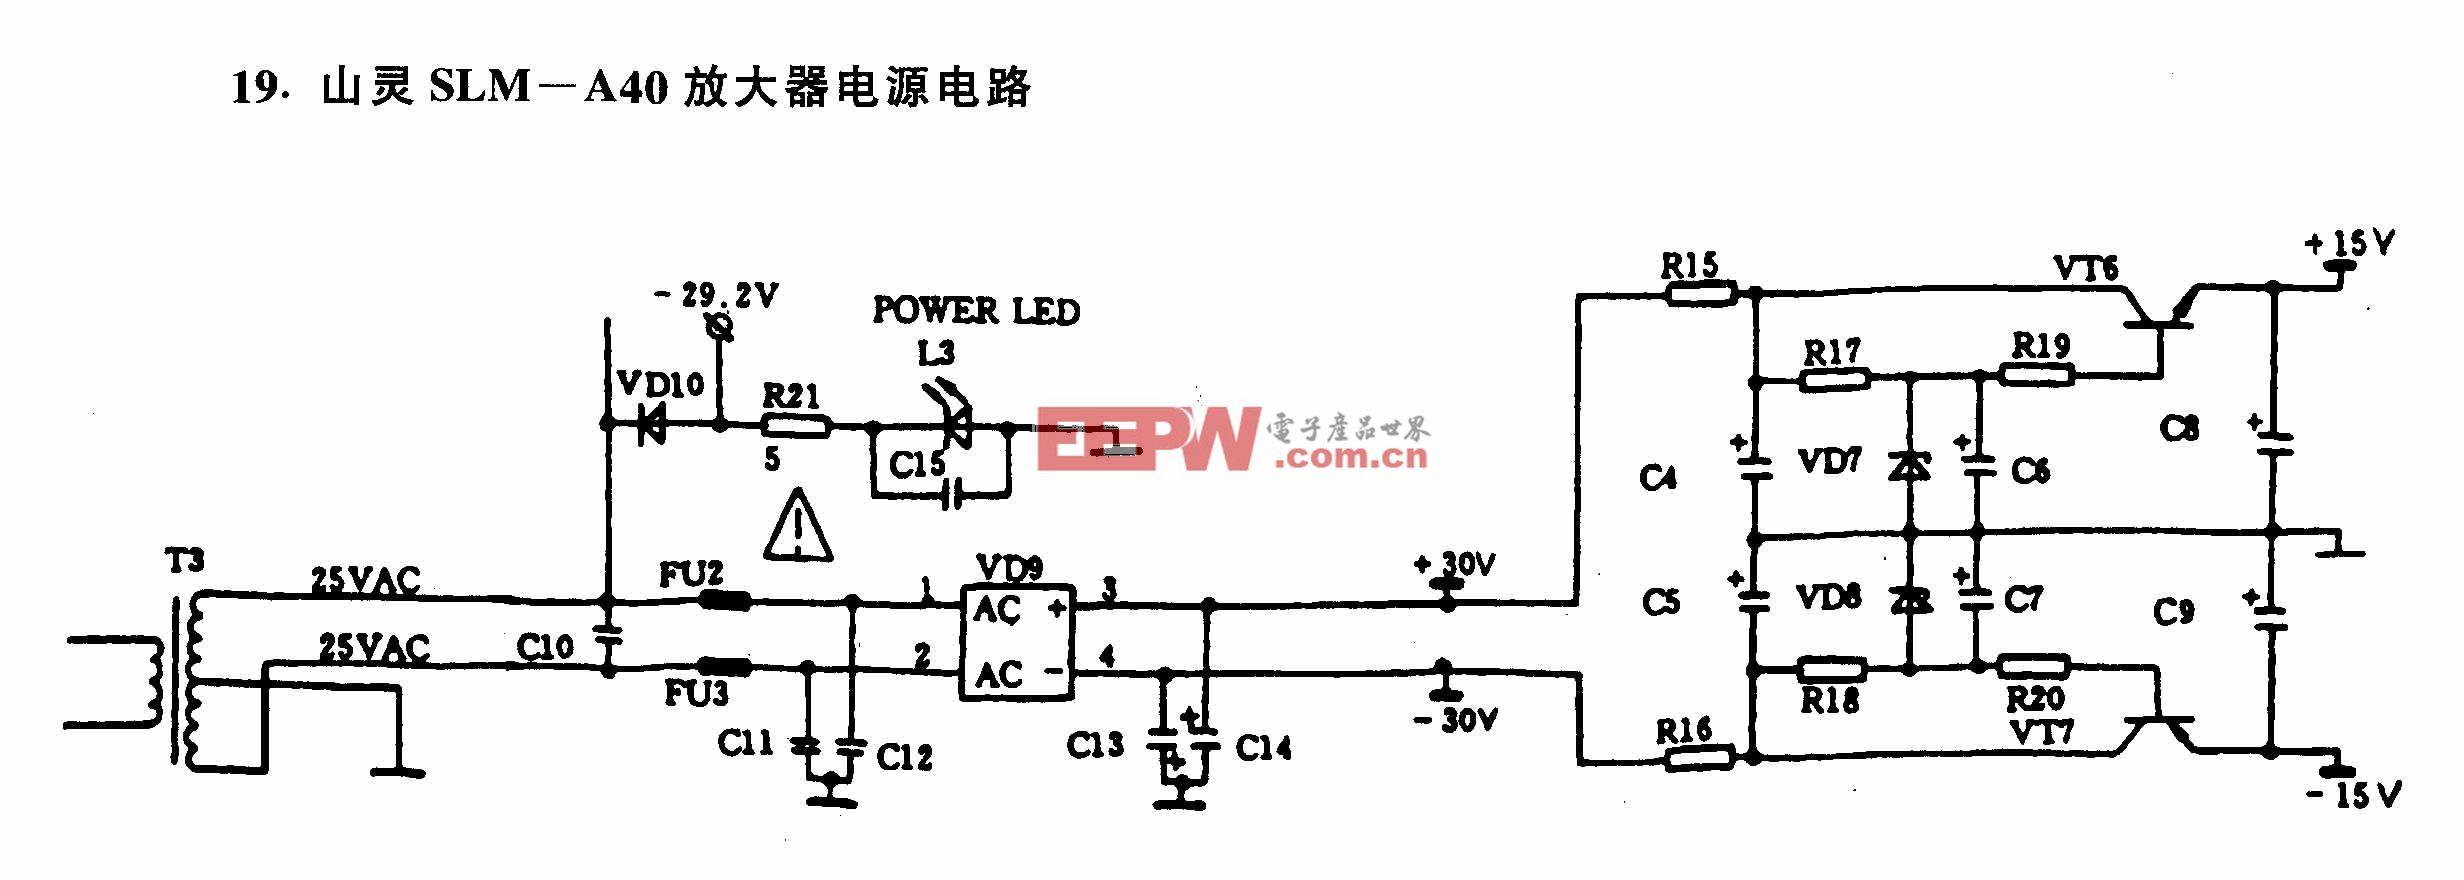 山灵SLM-A40放大器电源电路